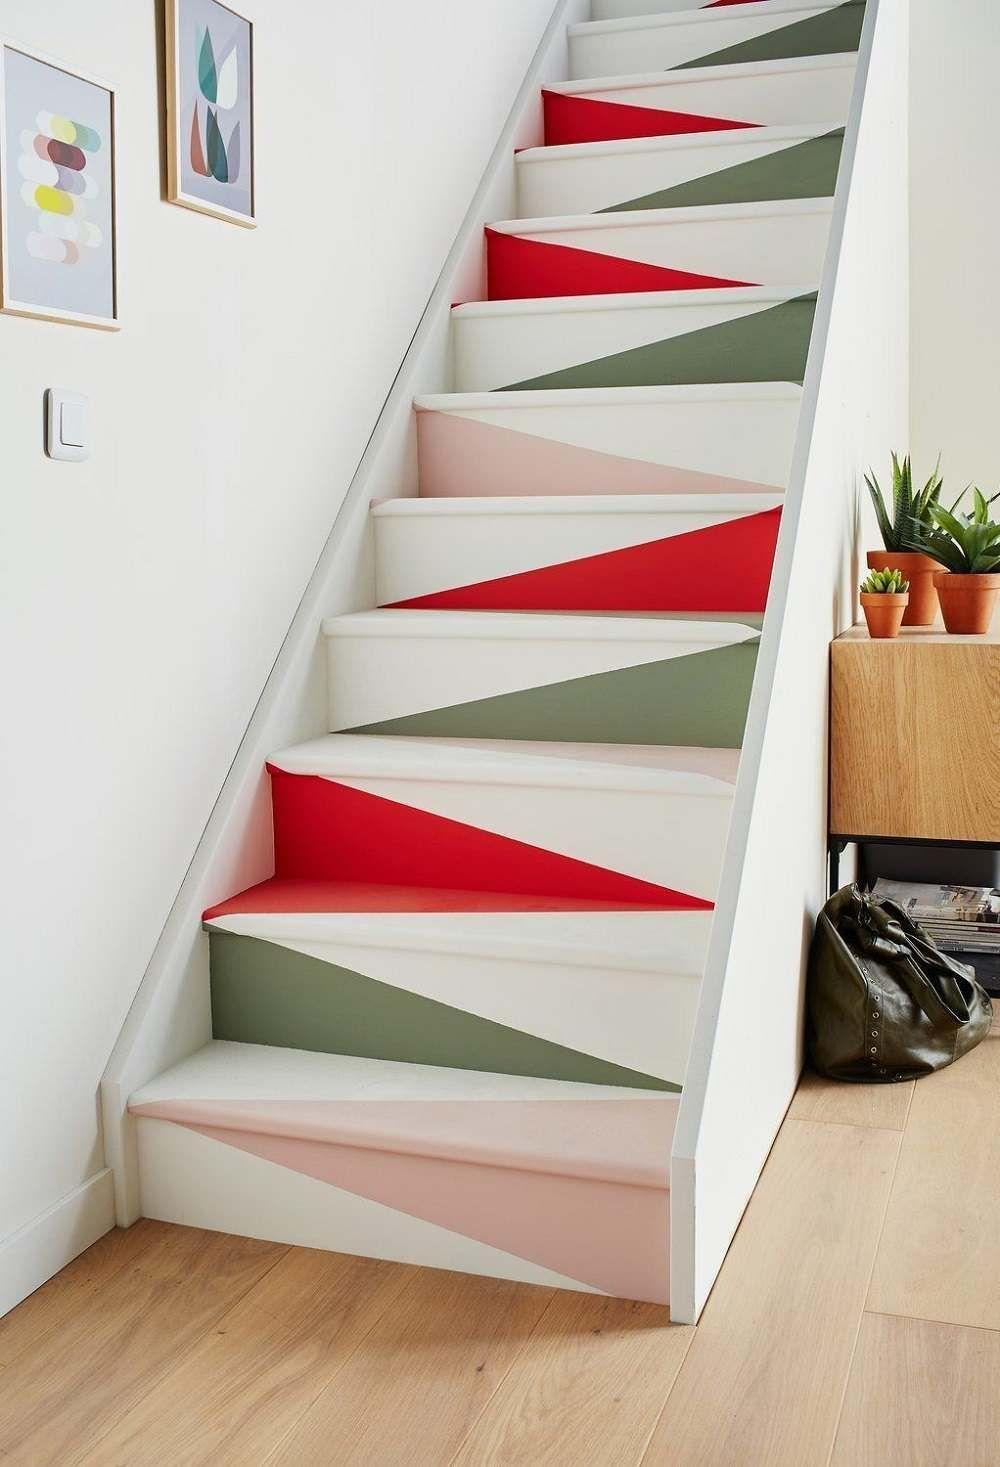 Decoration Contremarche En Quelques Idees A Emprunter Amenagement Escalier Escalier Peint Deco Escalier